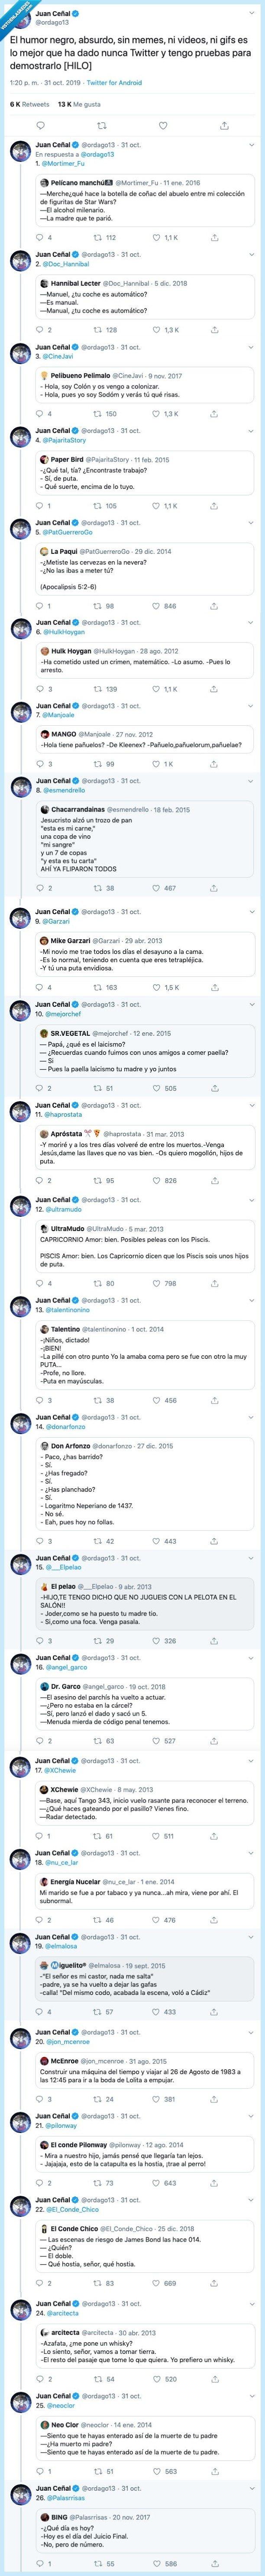 530809 - Juan Ceñal ha hecho una recopilación de Tweets de humor negro y absurdo y estamos partiéndonos por @ordago13